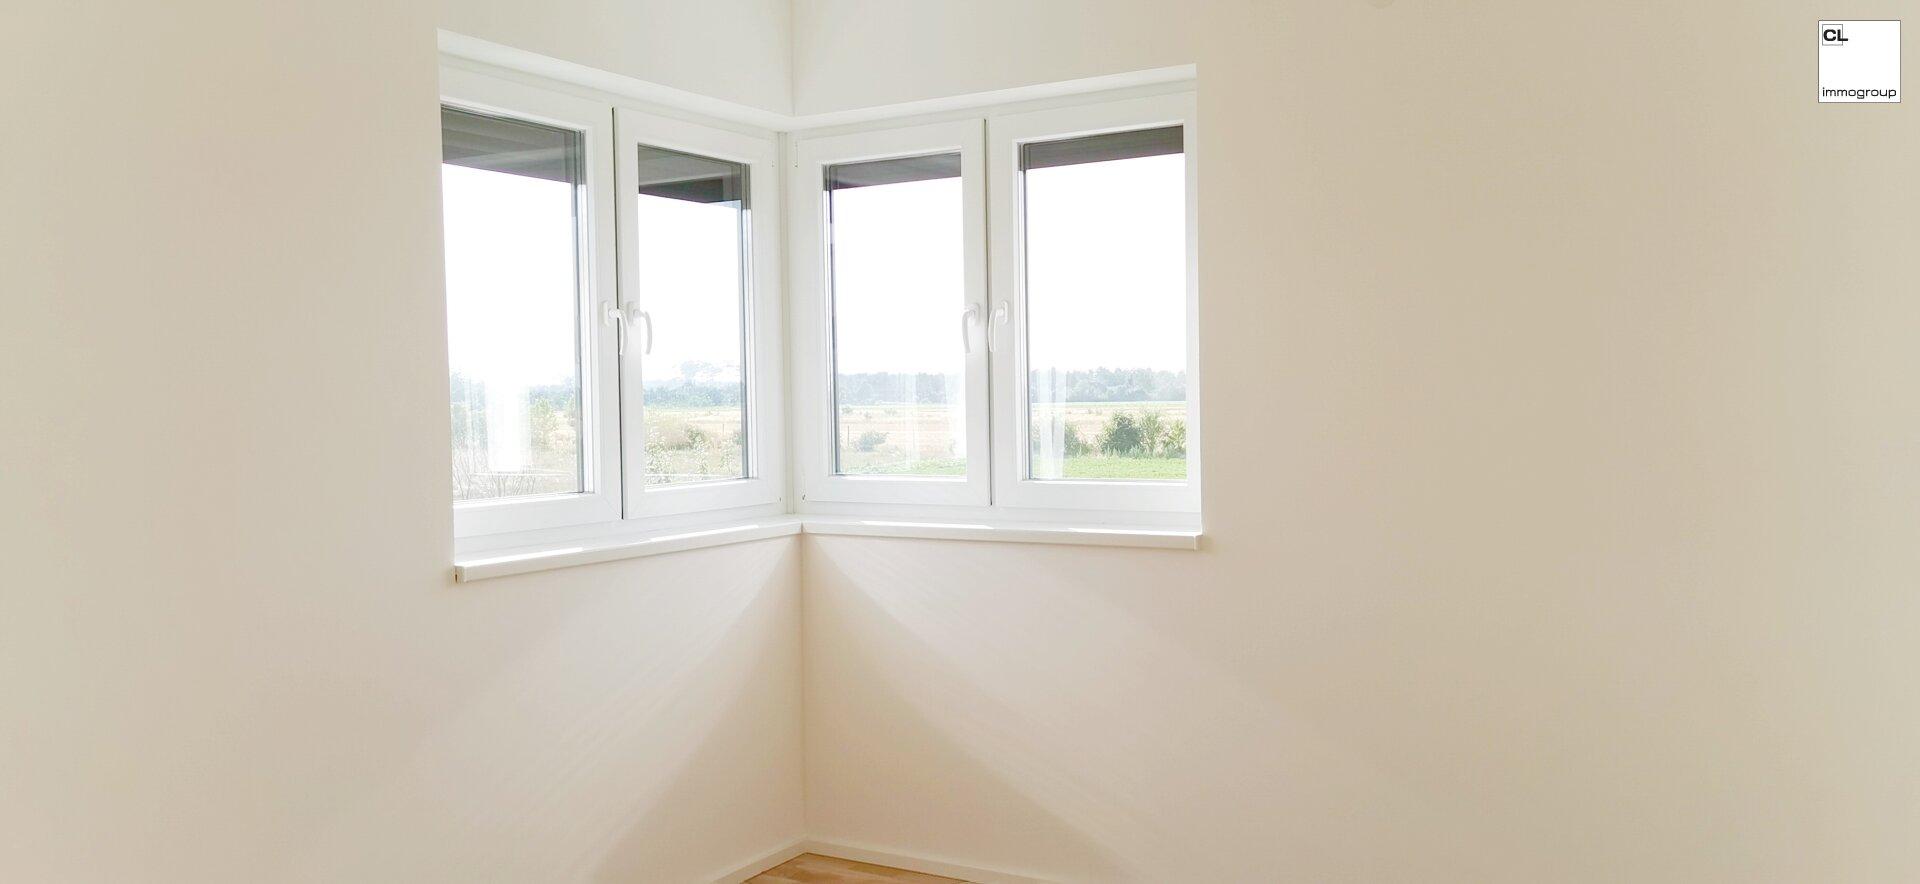 Eckfenster Ansicht von Innen